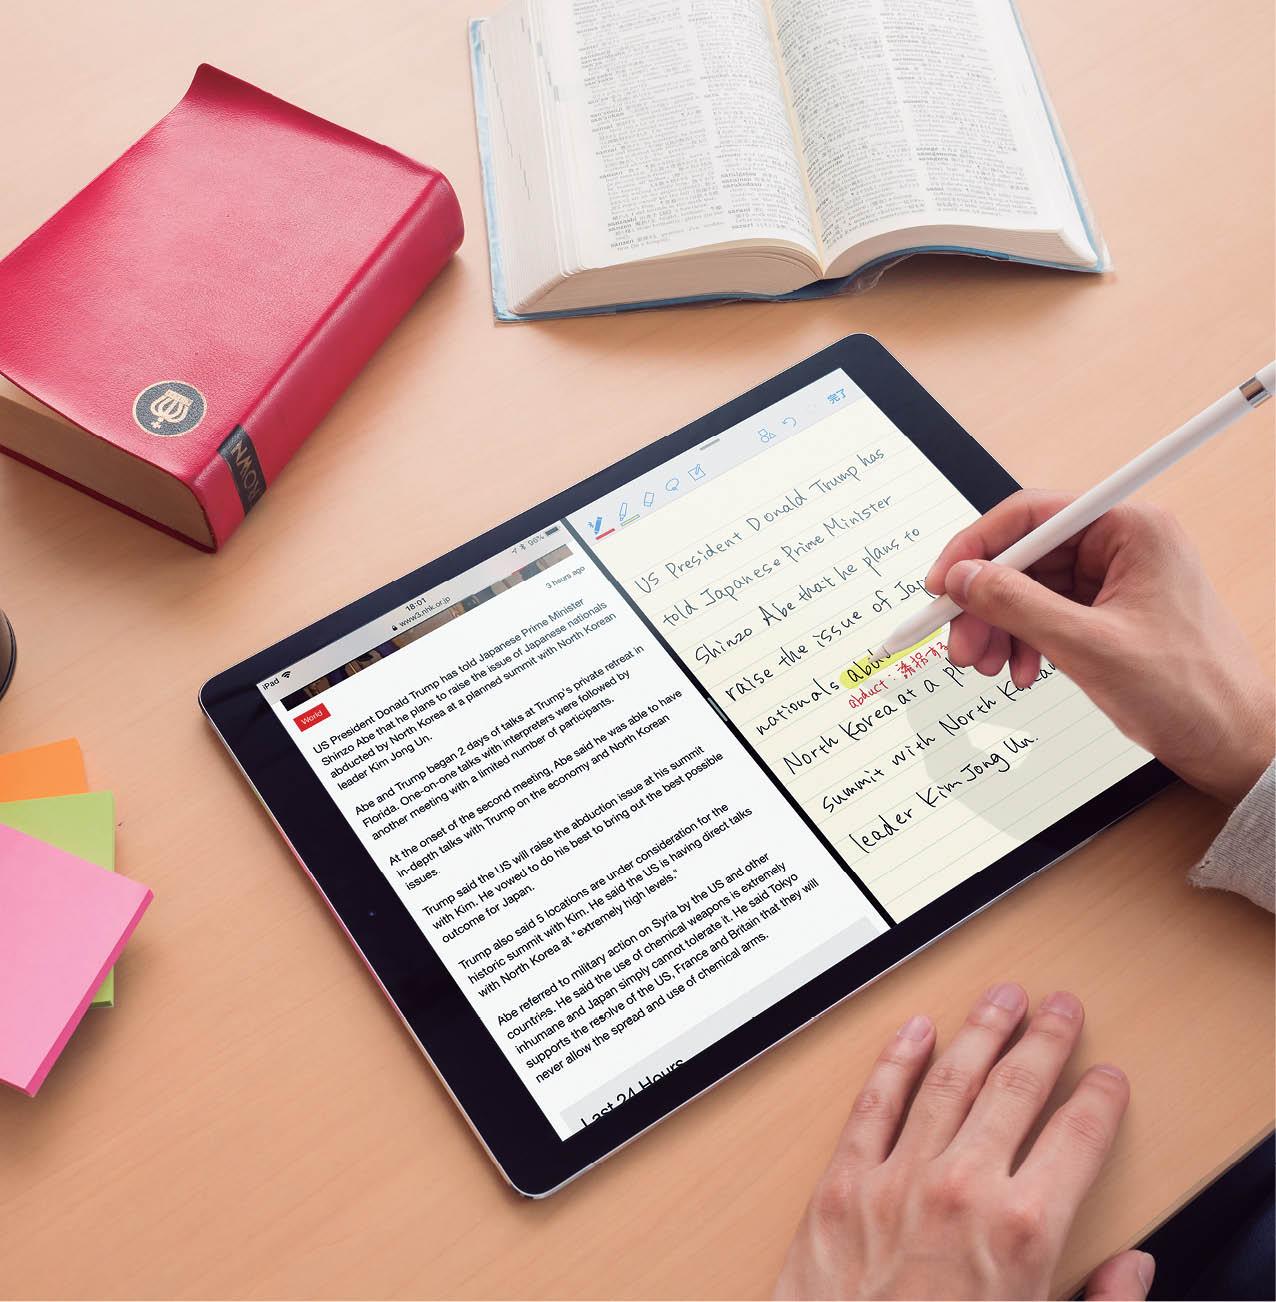 デジタルを活かして英語を勉強する|MacFan